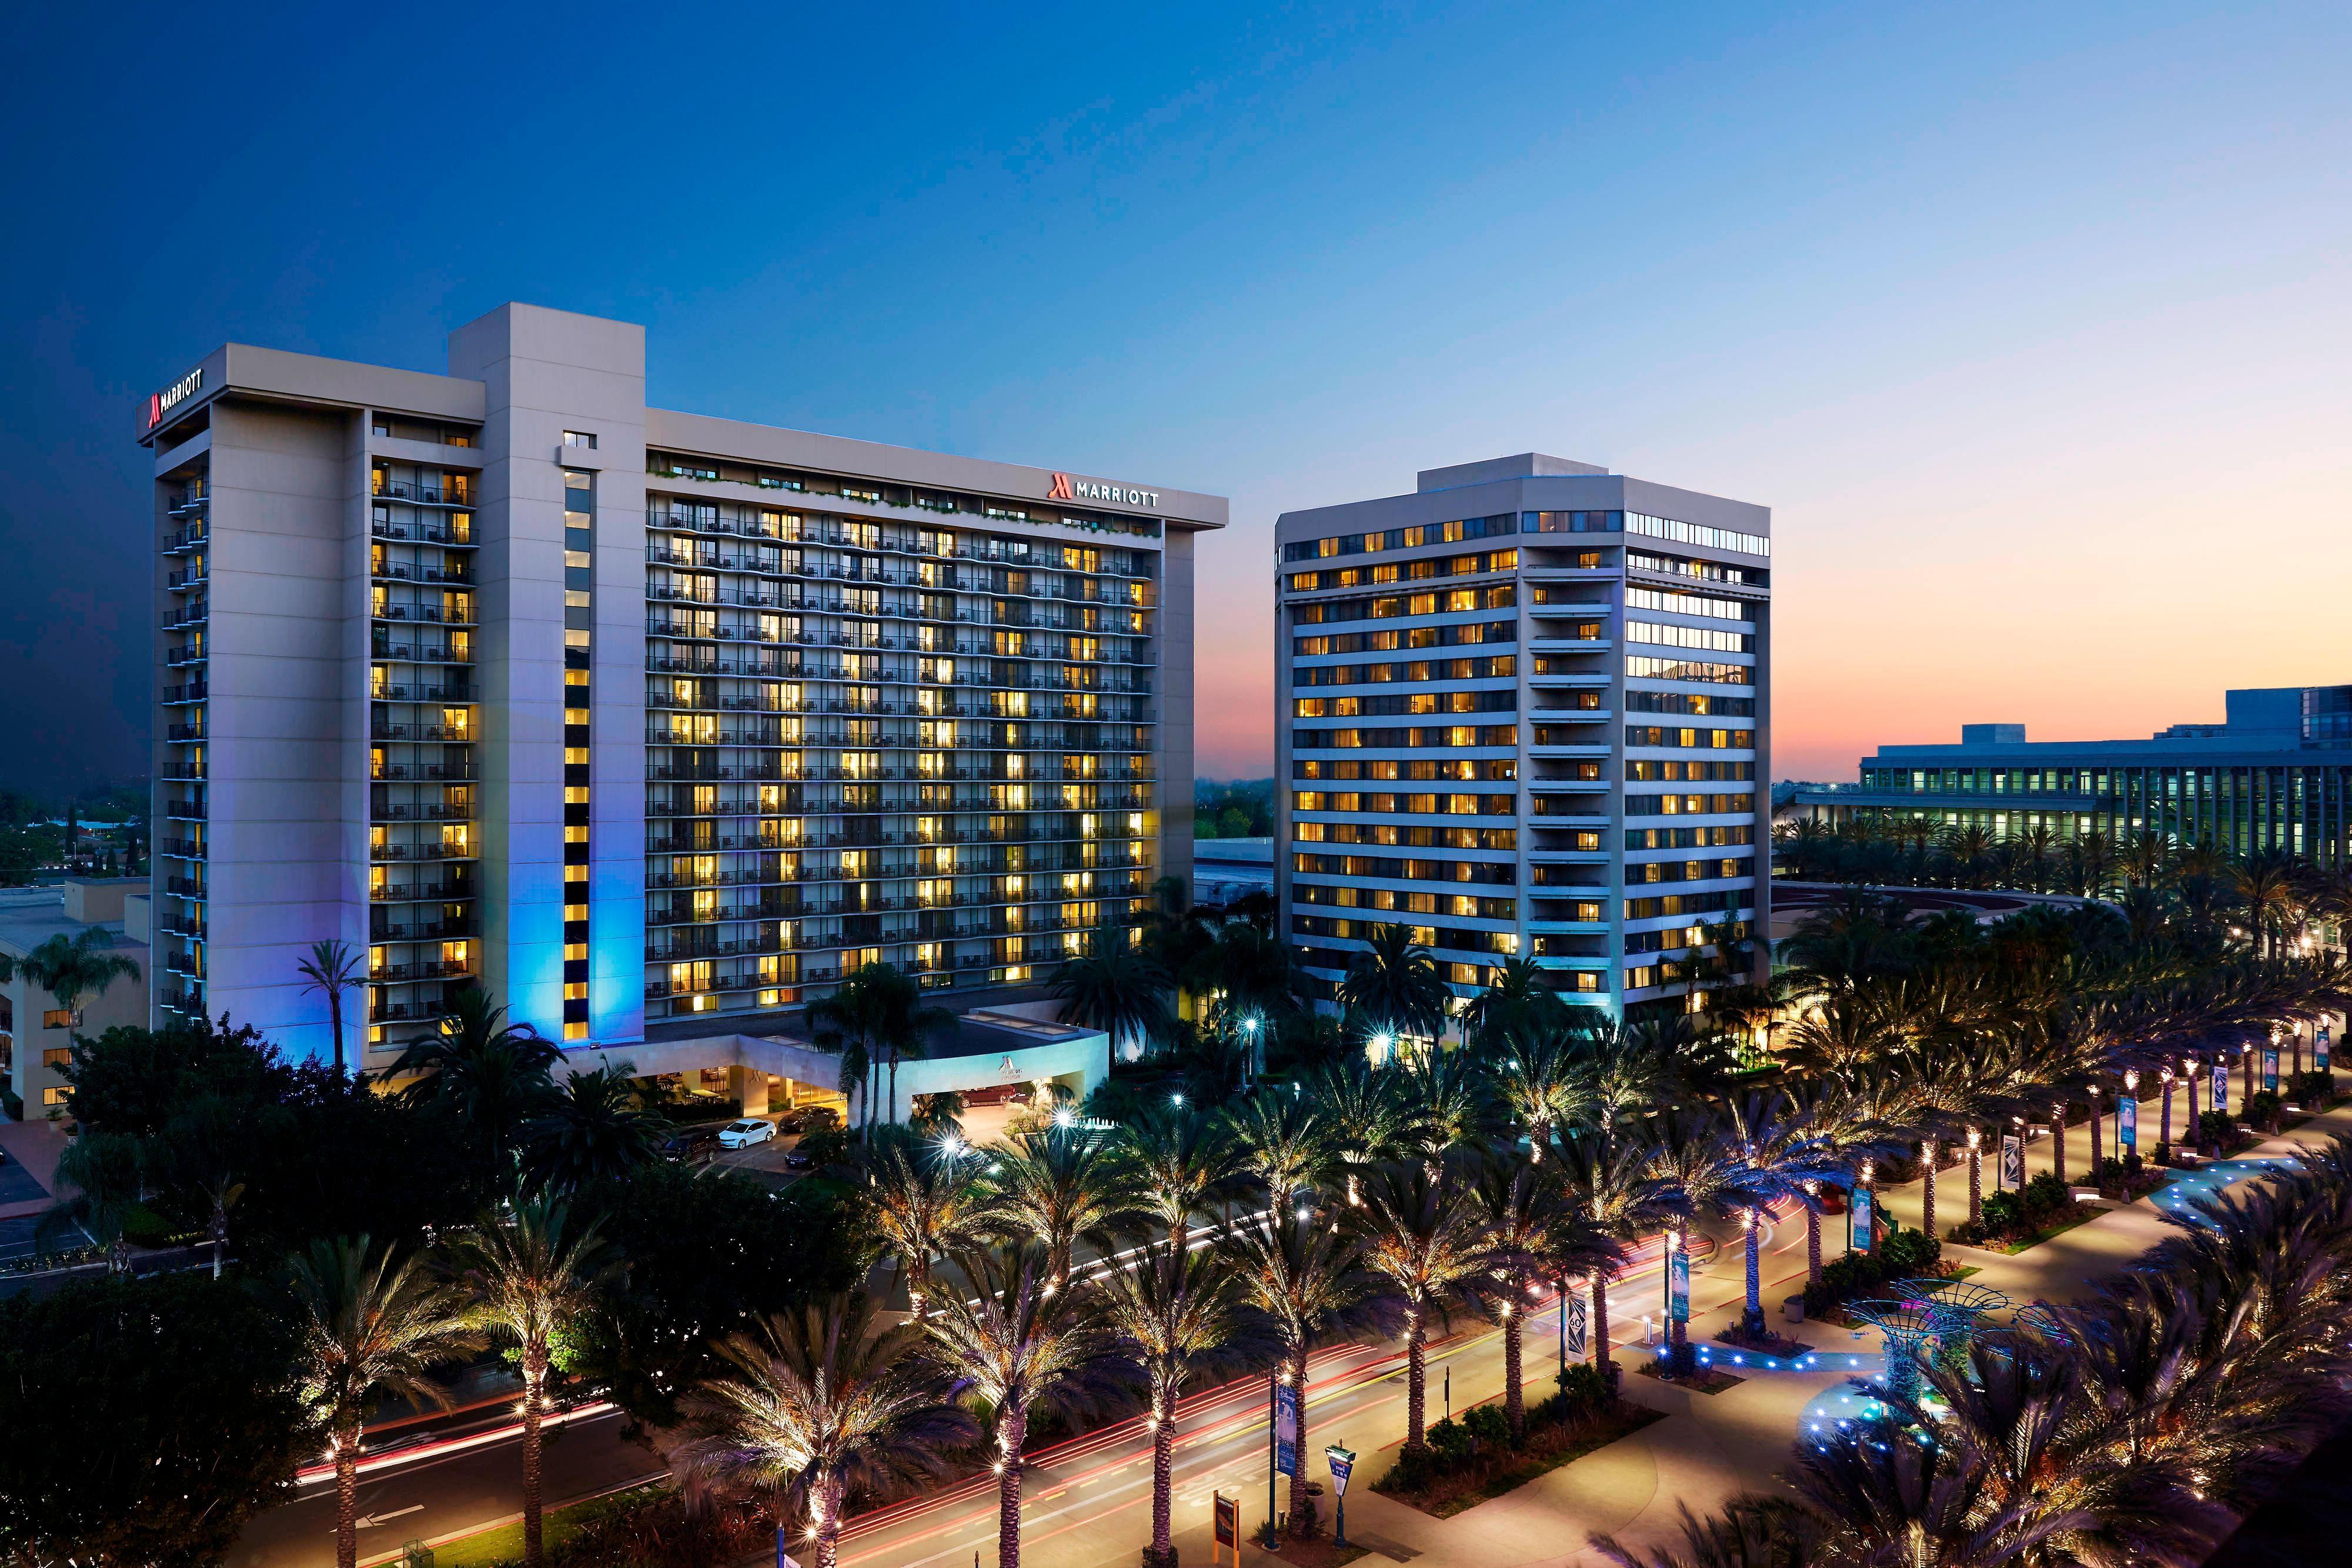 Anaheim Marriott au crépuscule